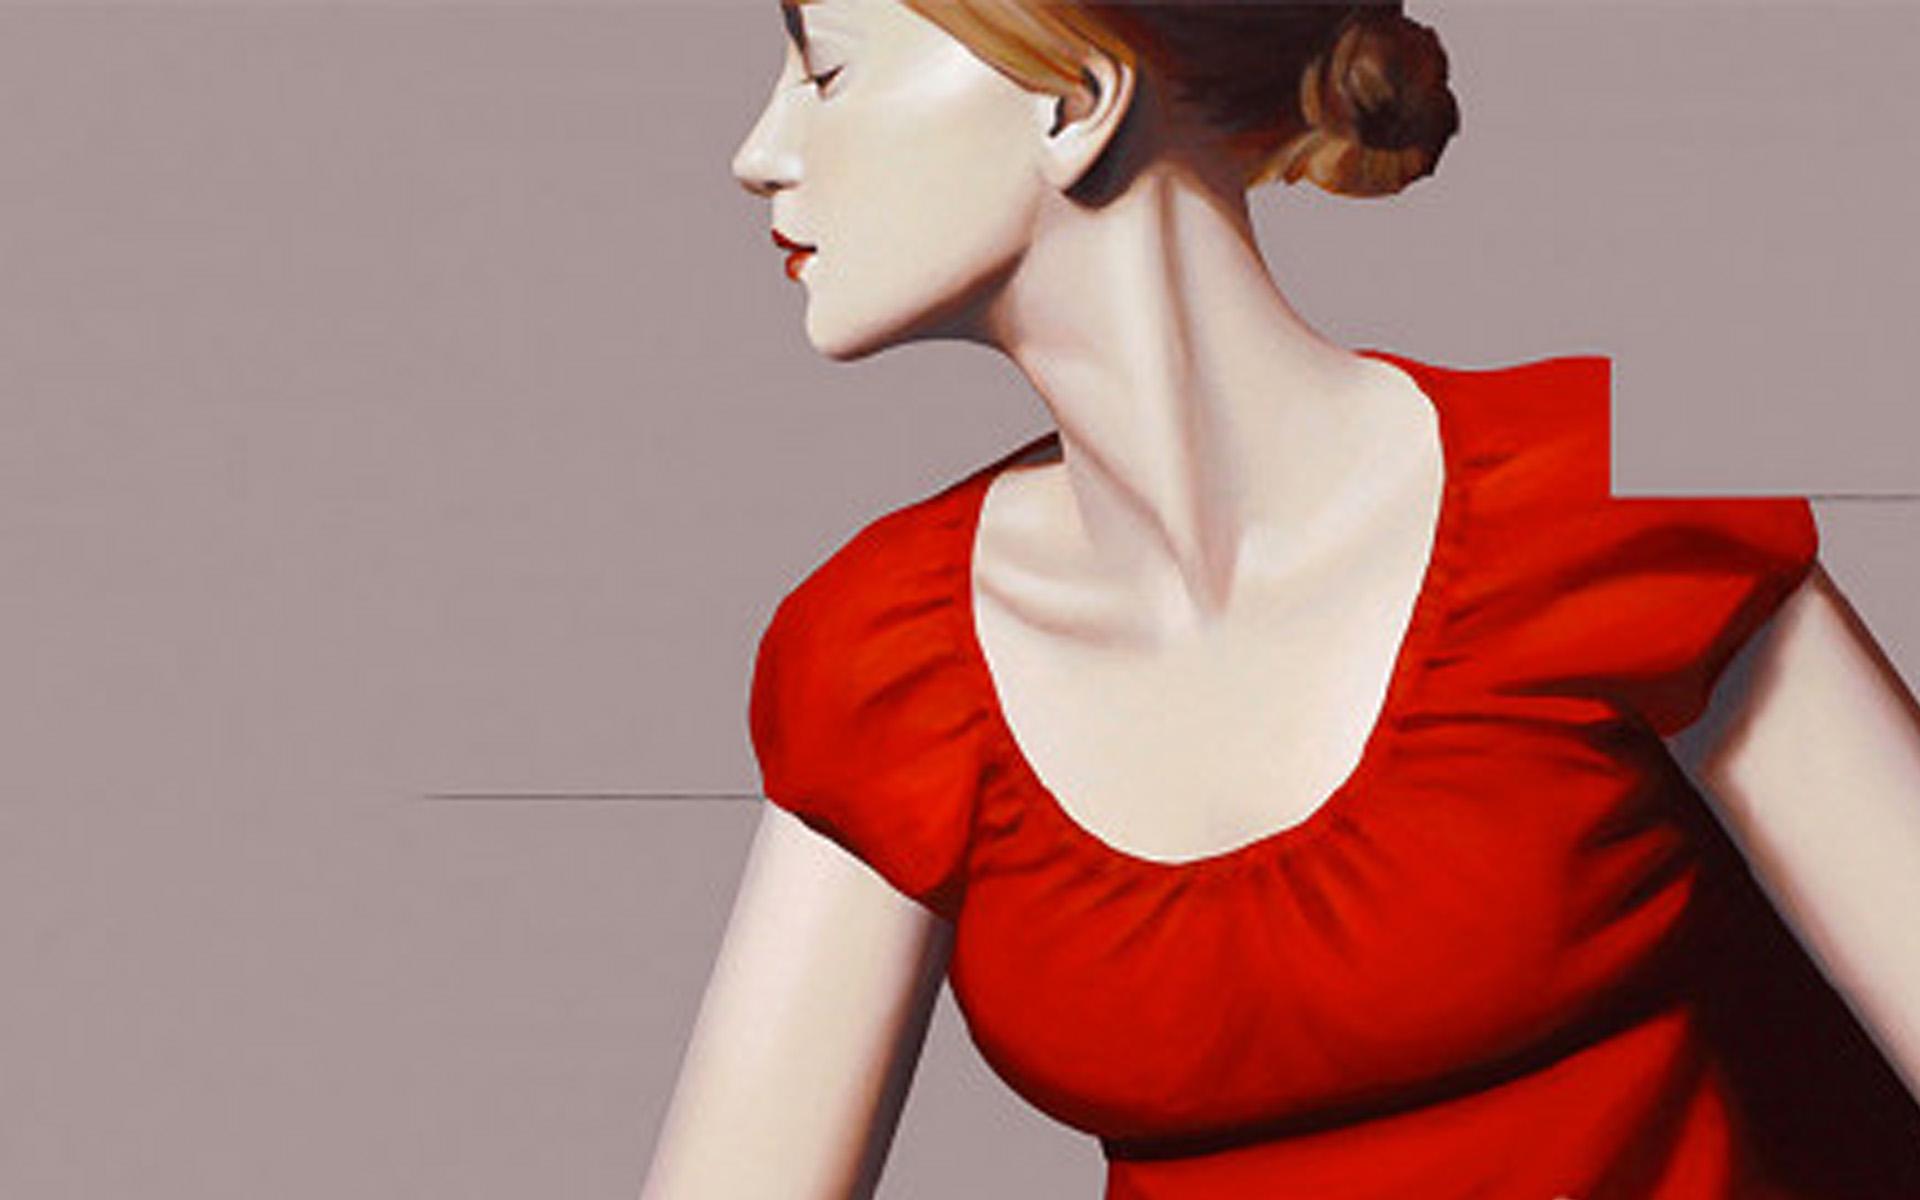 抽象人物唯美形体艺术精致设计壁纸写真